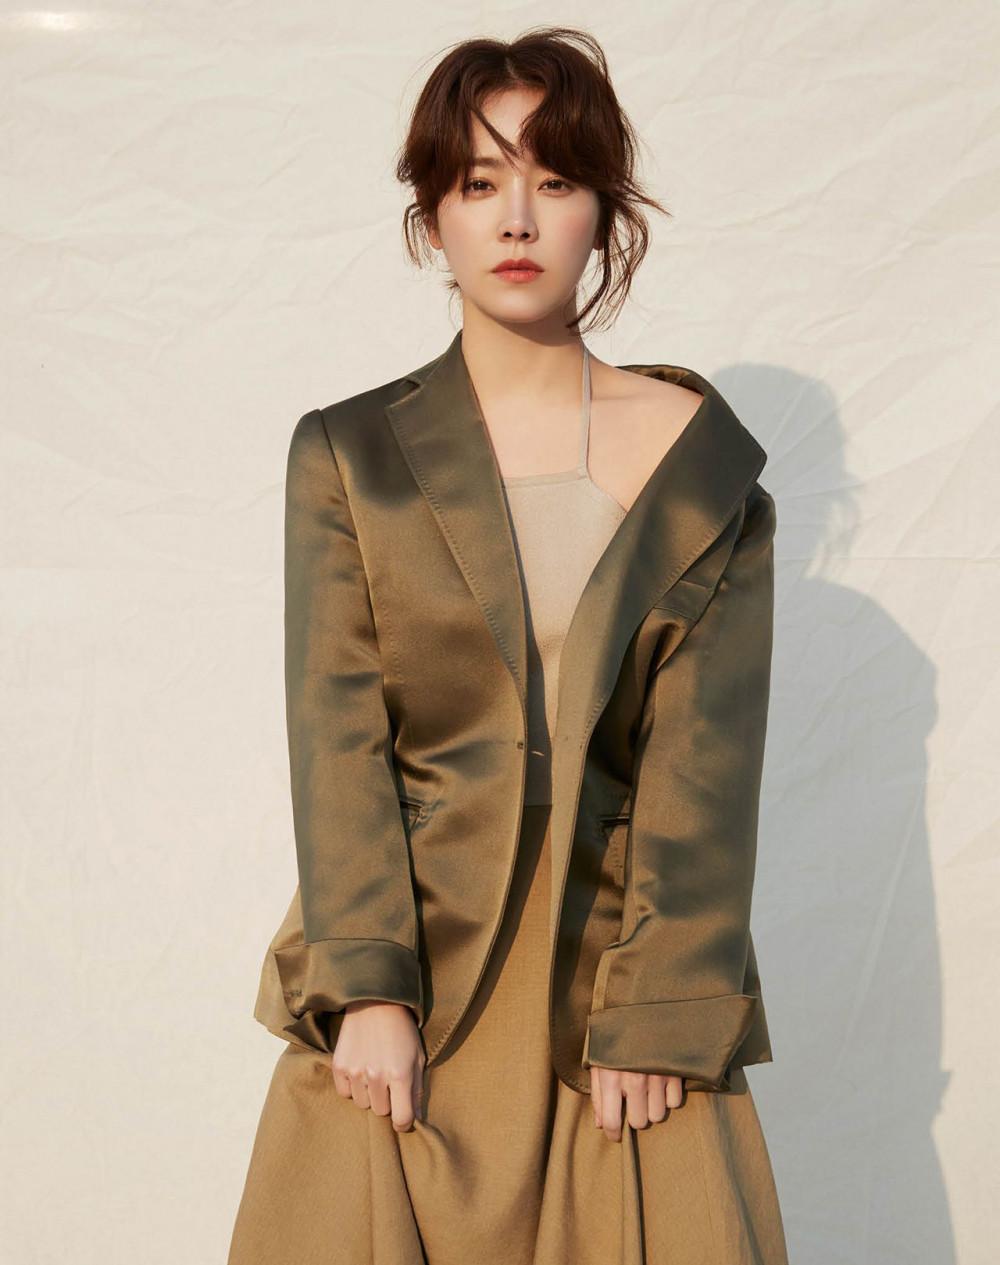 Những chiếc váy hai dây kết hợp áo vest càng tôn lên nét quyến rũ của cô.